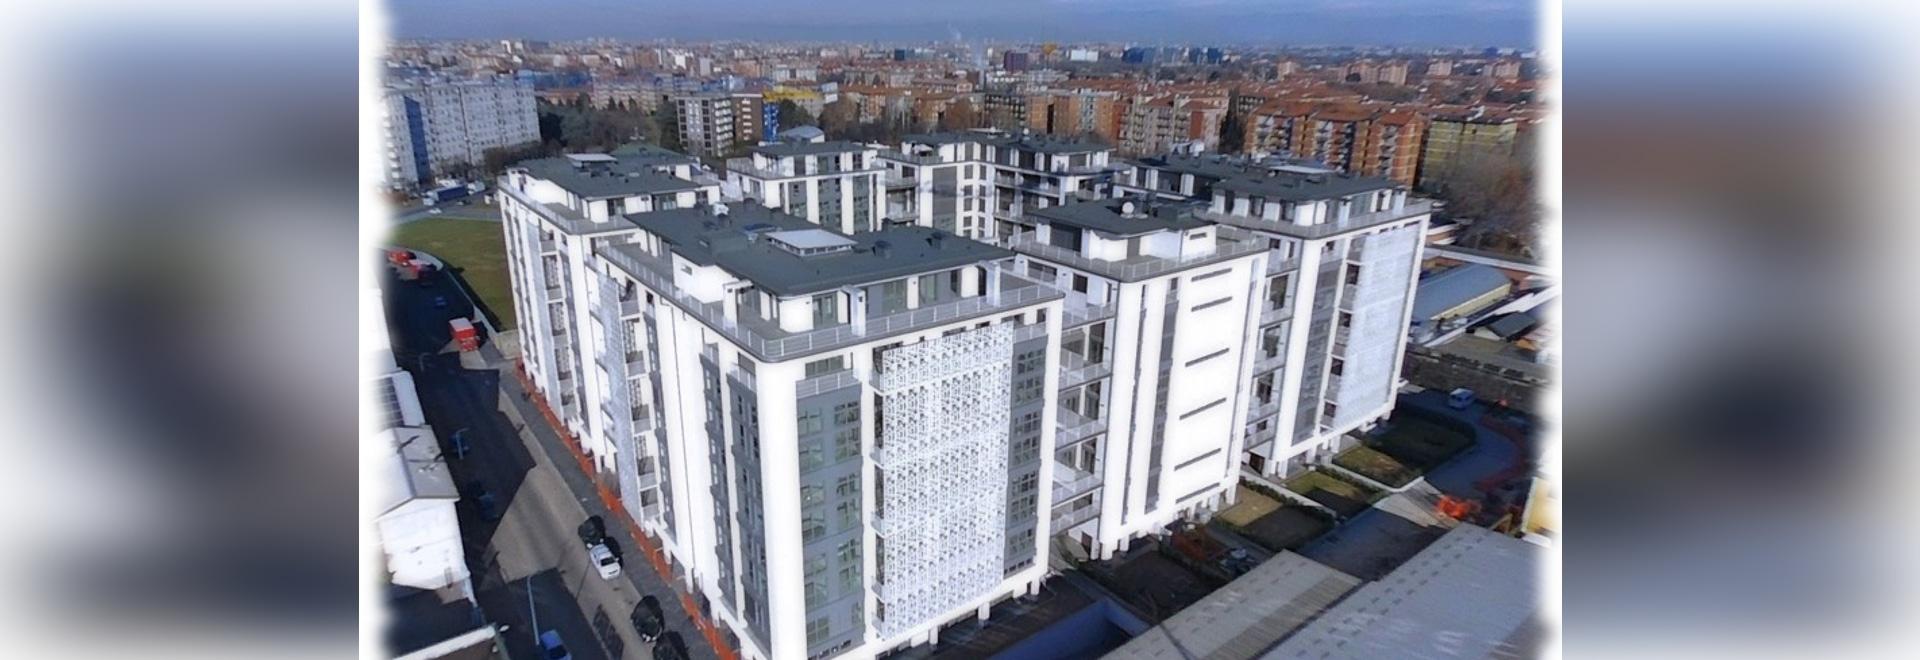 Complexe Q5 résidentiel dans l'aperçu de Milan